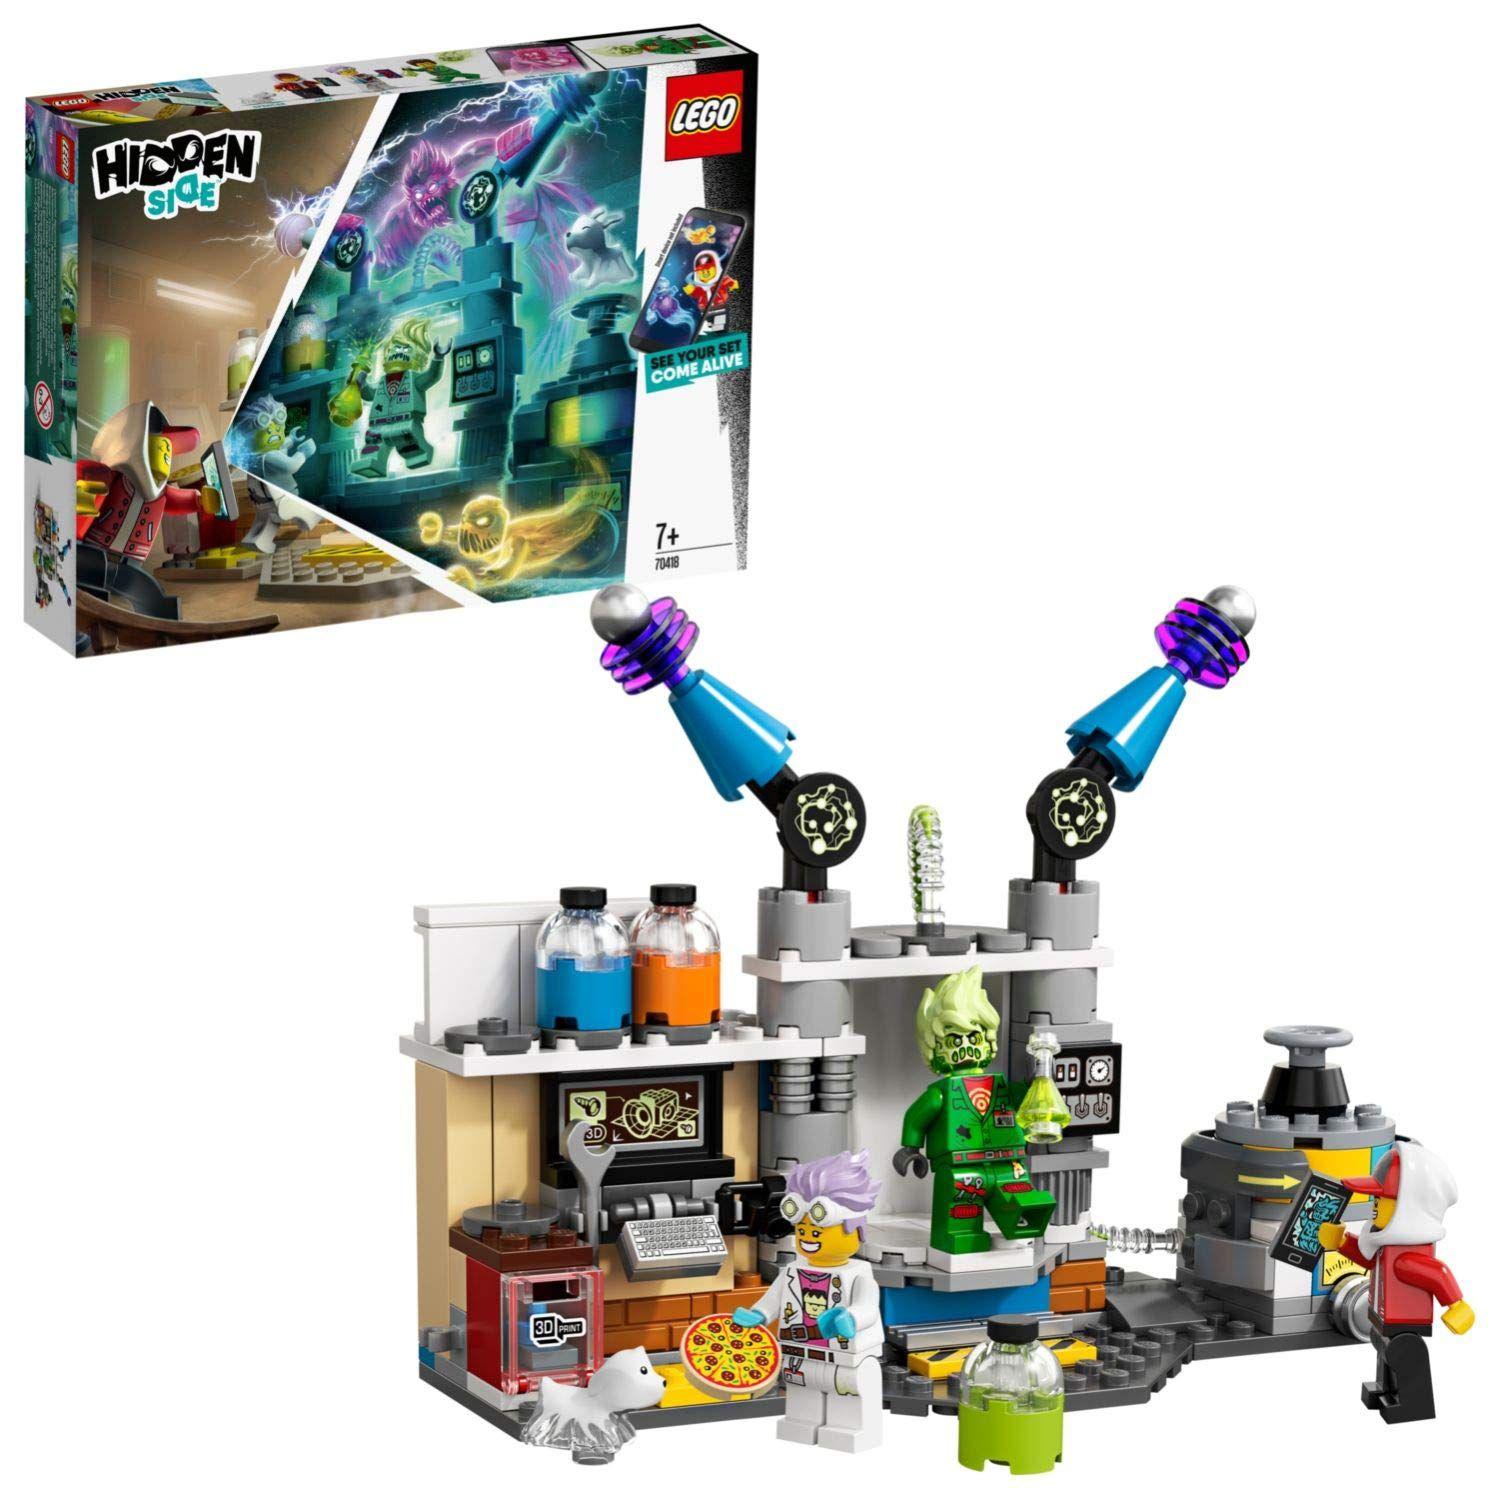 LEGO - Hidden Side Laboratorio de Fantasmas de J. B.